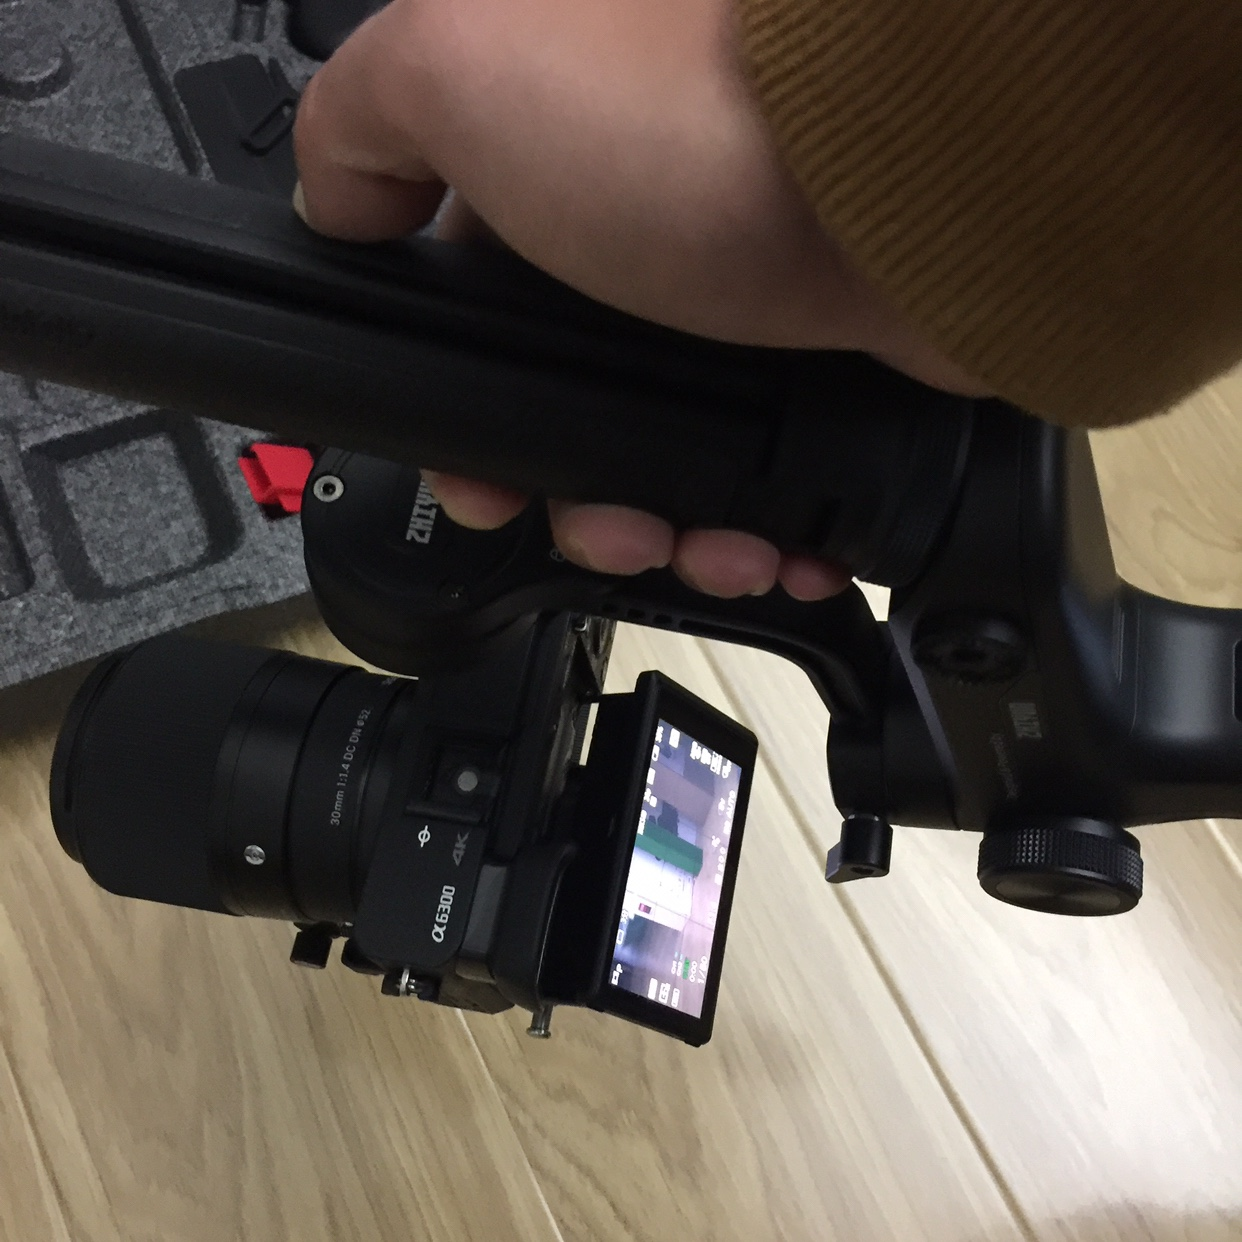 抖音同款:单反相机手持稳定器-2